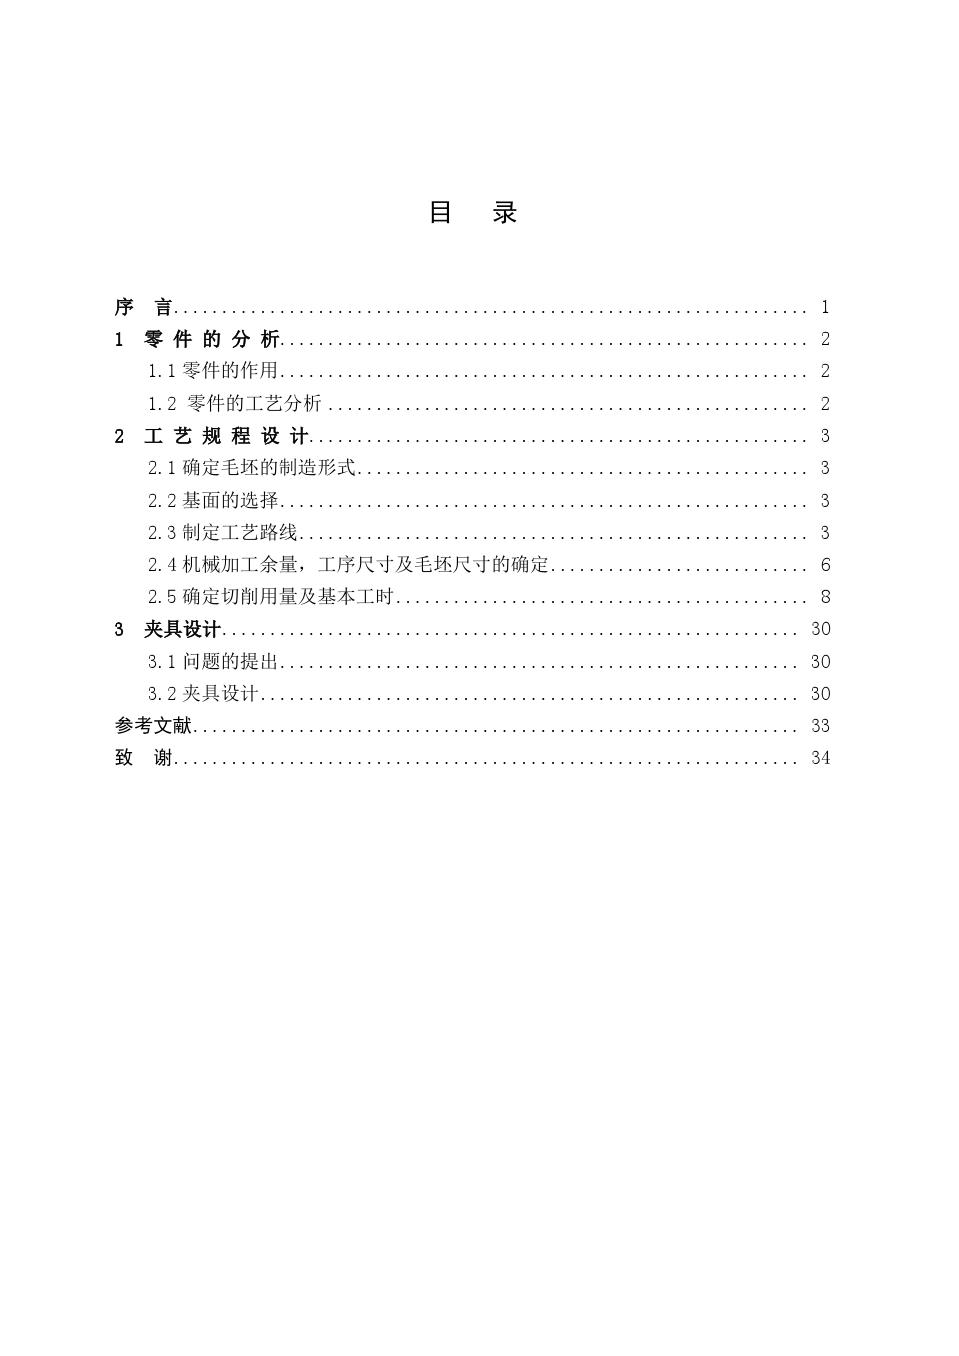 机械加工合同书_CA6140车床法兰盘的机械加工工艺规程与钻Φ4、Φ6孔专用夹具设计 ...